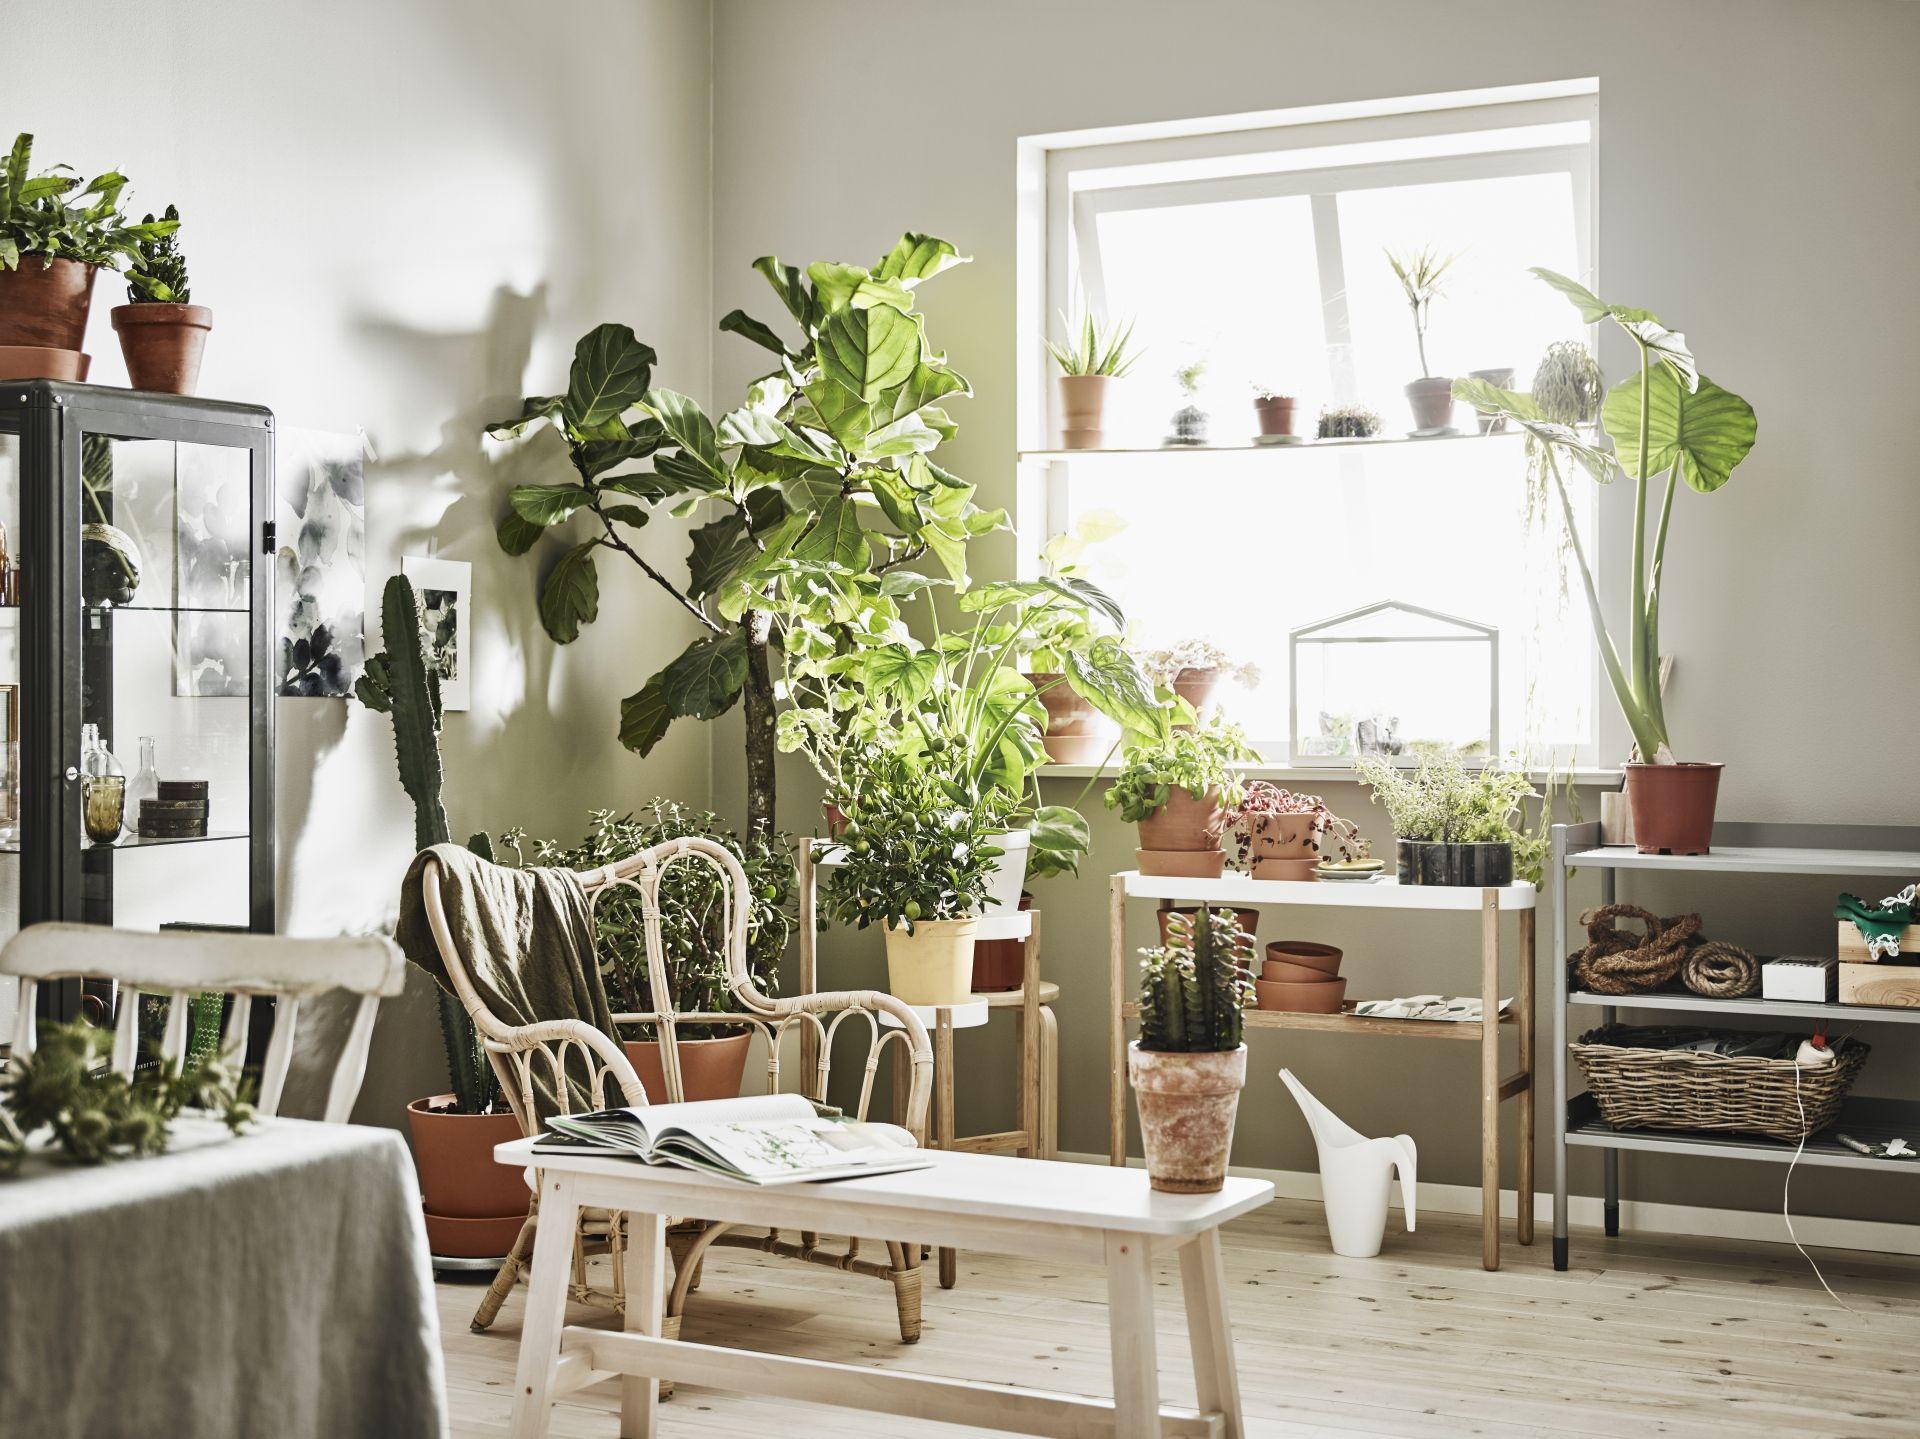 Mastholmen fauteuil buiten nieuw bij ikea pinterest greenery